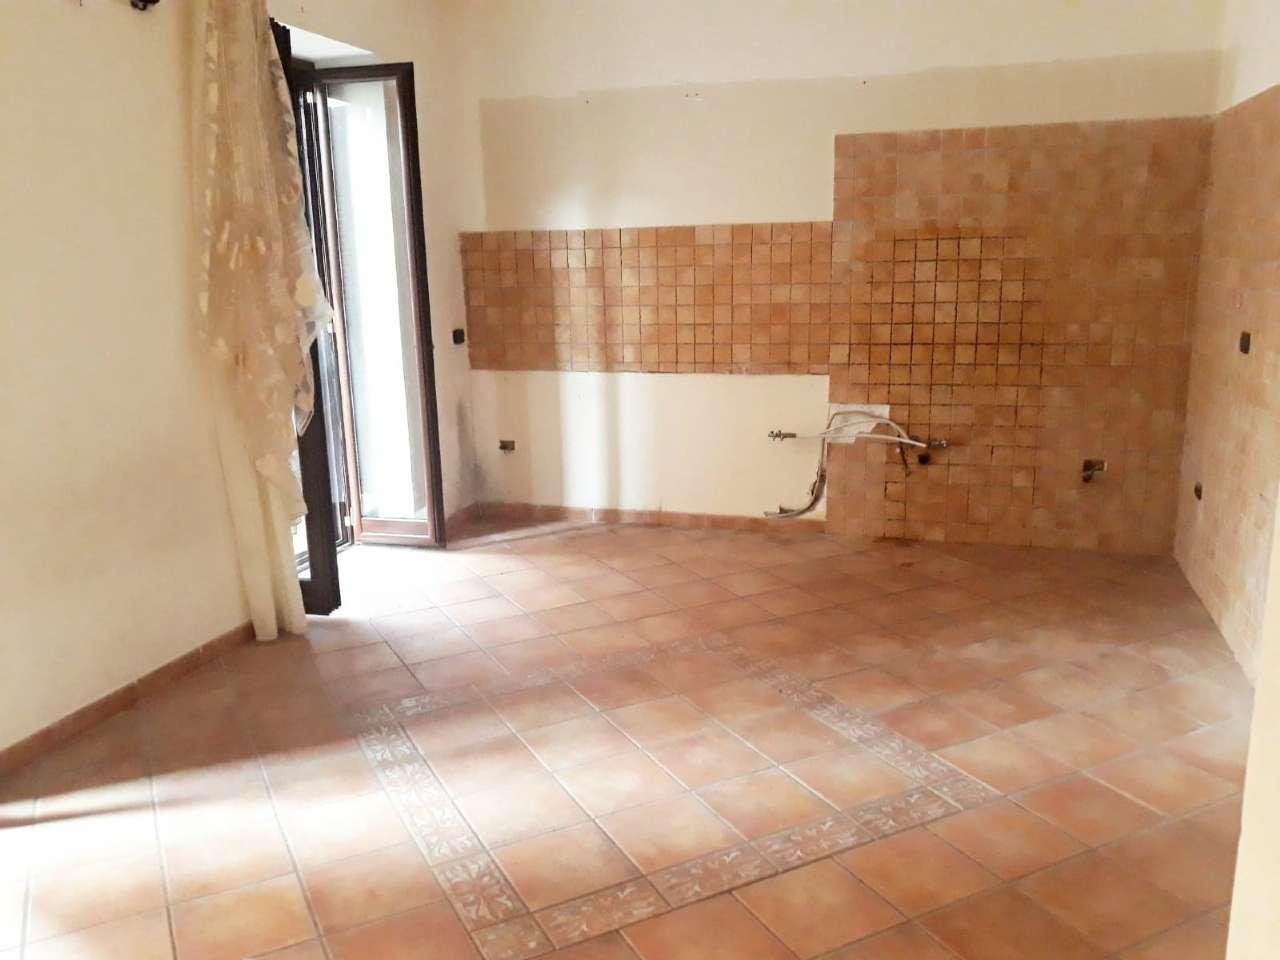 Appartamento in vendita a Pozzuoli, 3 locali, prezzo € 149.000 | CambioCasa.it